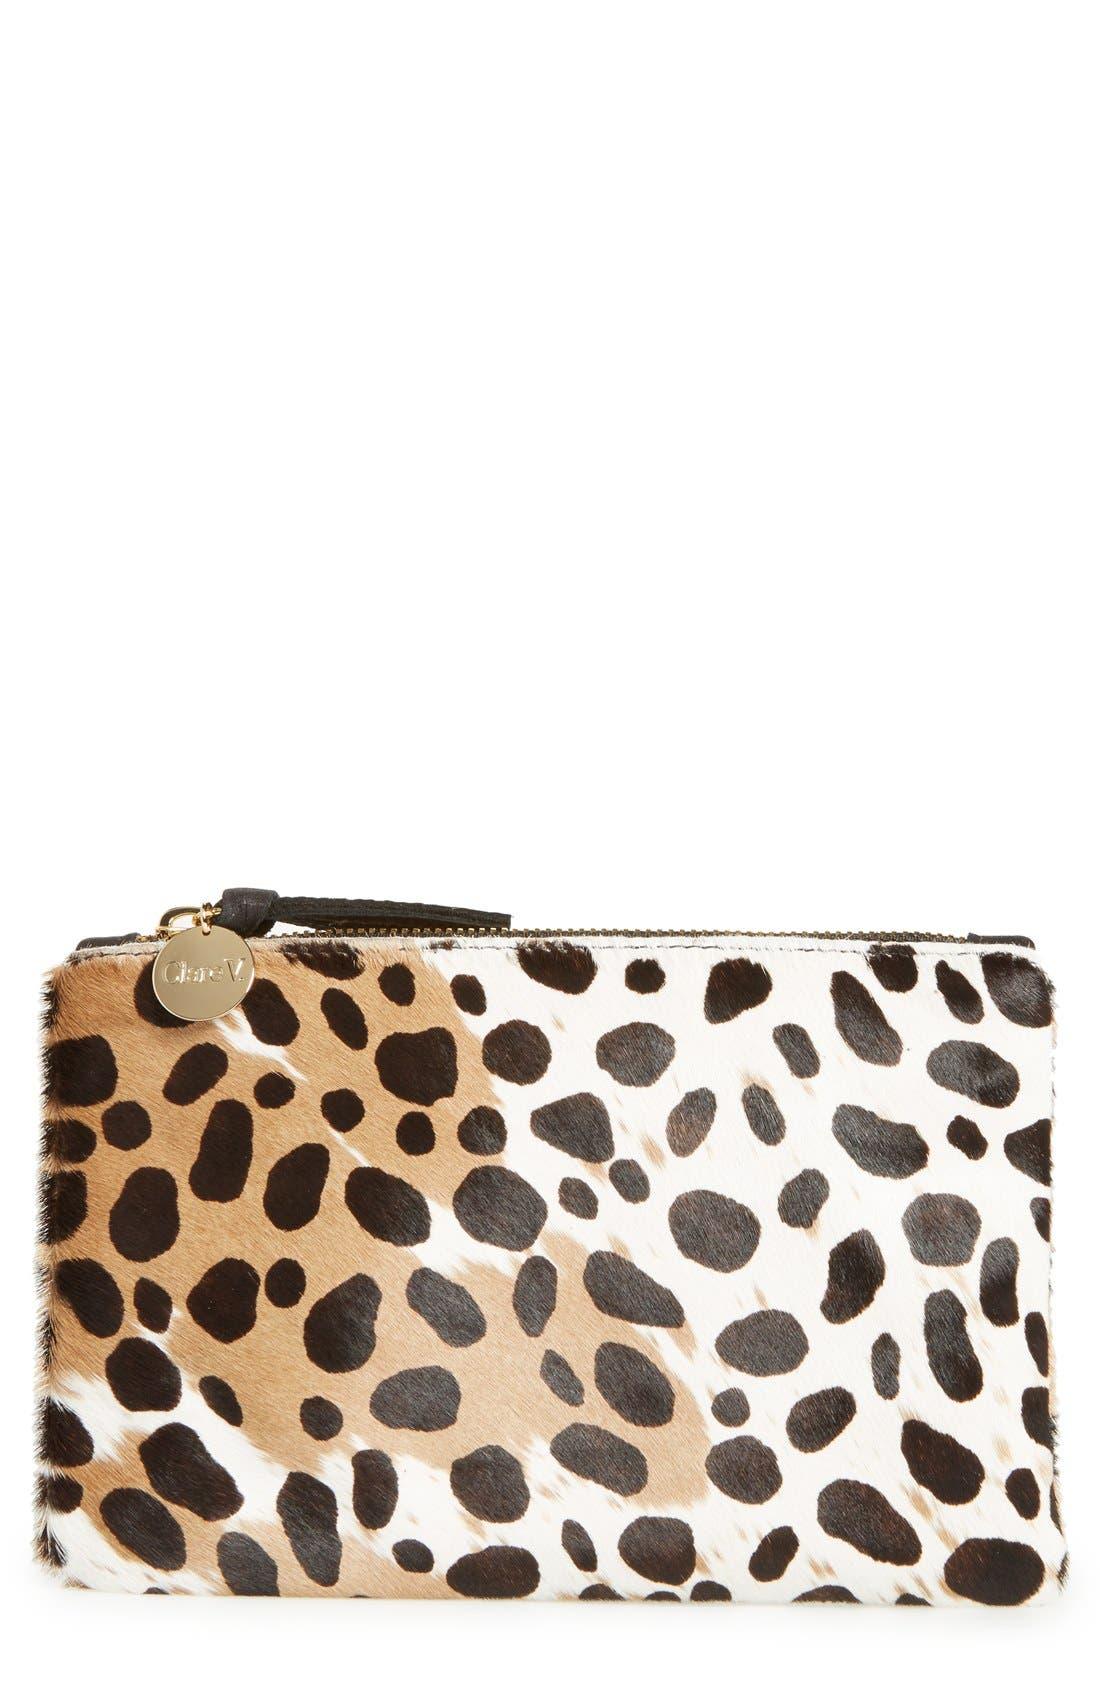 'Core' Leopard Print Genuine Calf Hair Pouch,                         Main,                         color, Leopard